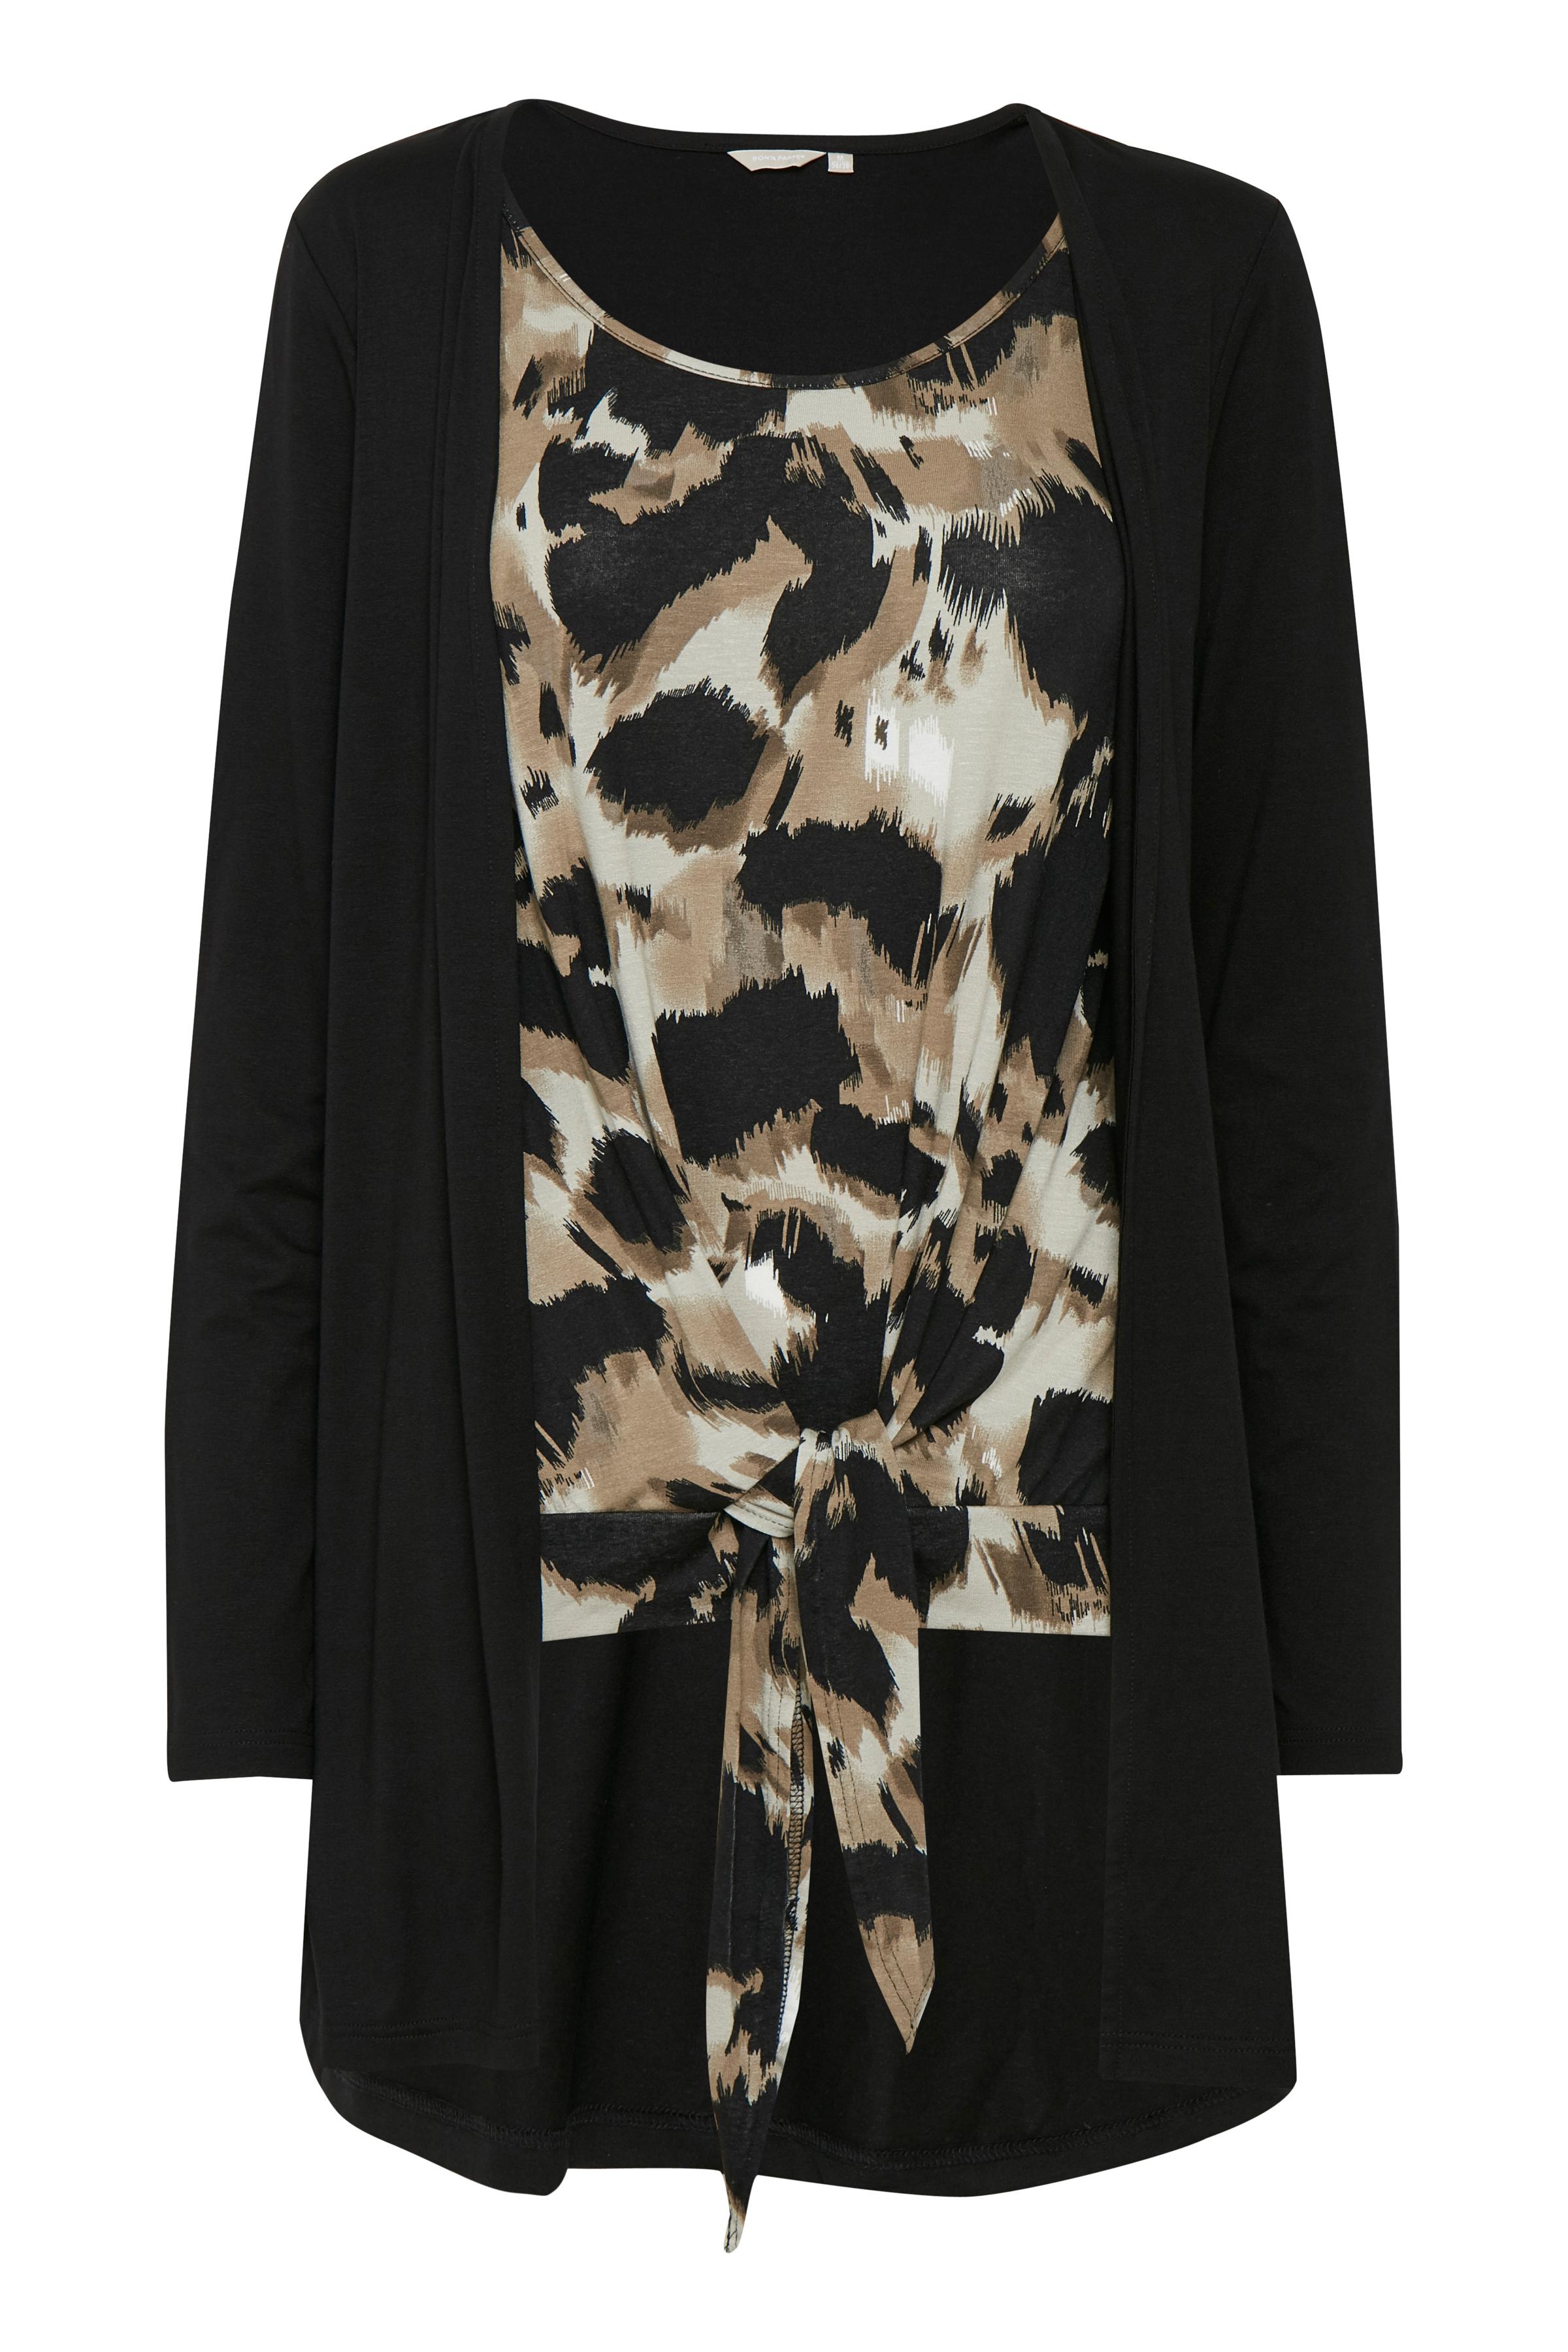 Mørk sand/sort Langærmet bluse fra Bon'A Parte – Køb Mørk sand/sort Langærmet bluse fra str. S-2XL her